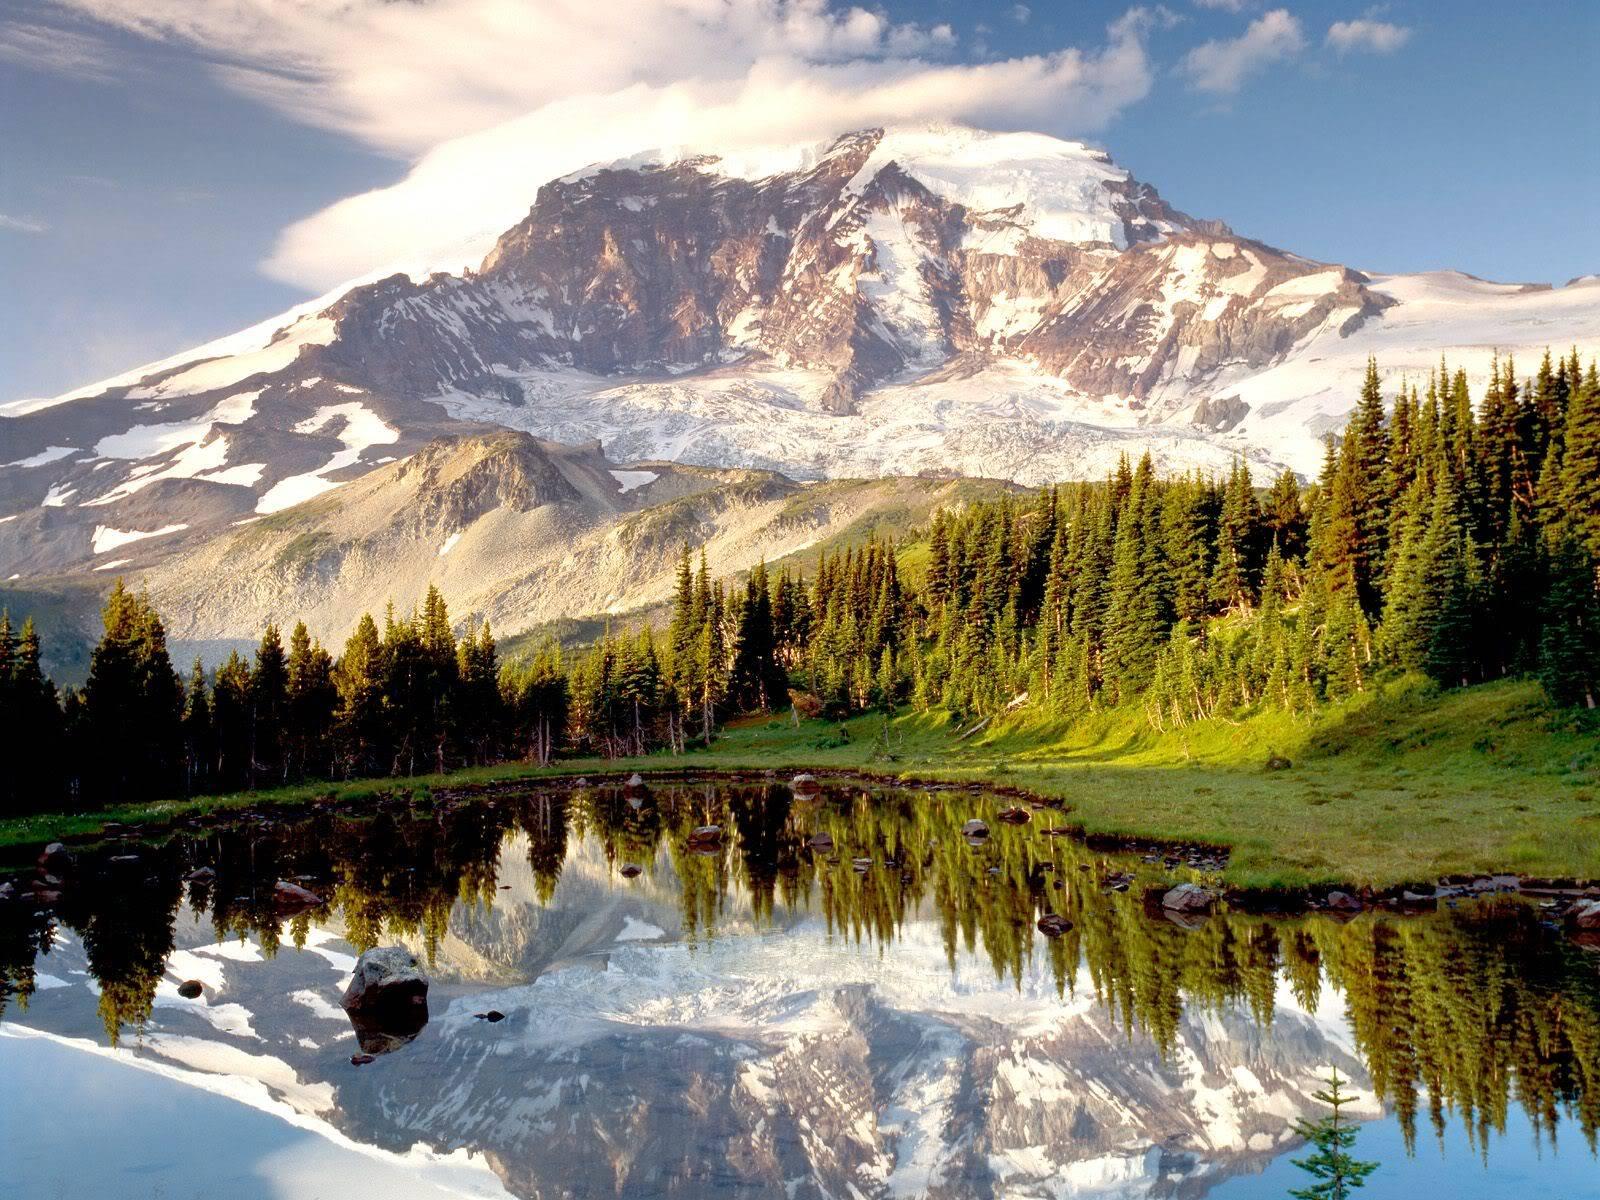 அழகு மலைகளின் காட்சிகள் சில.....02 - Page 22 MysticTarnMountRainierWashington